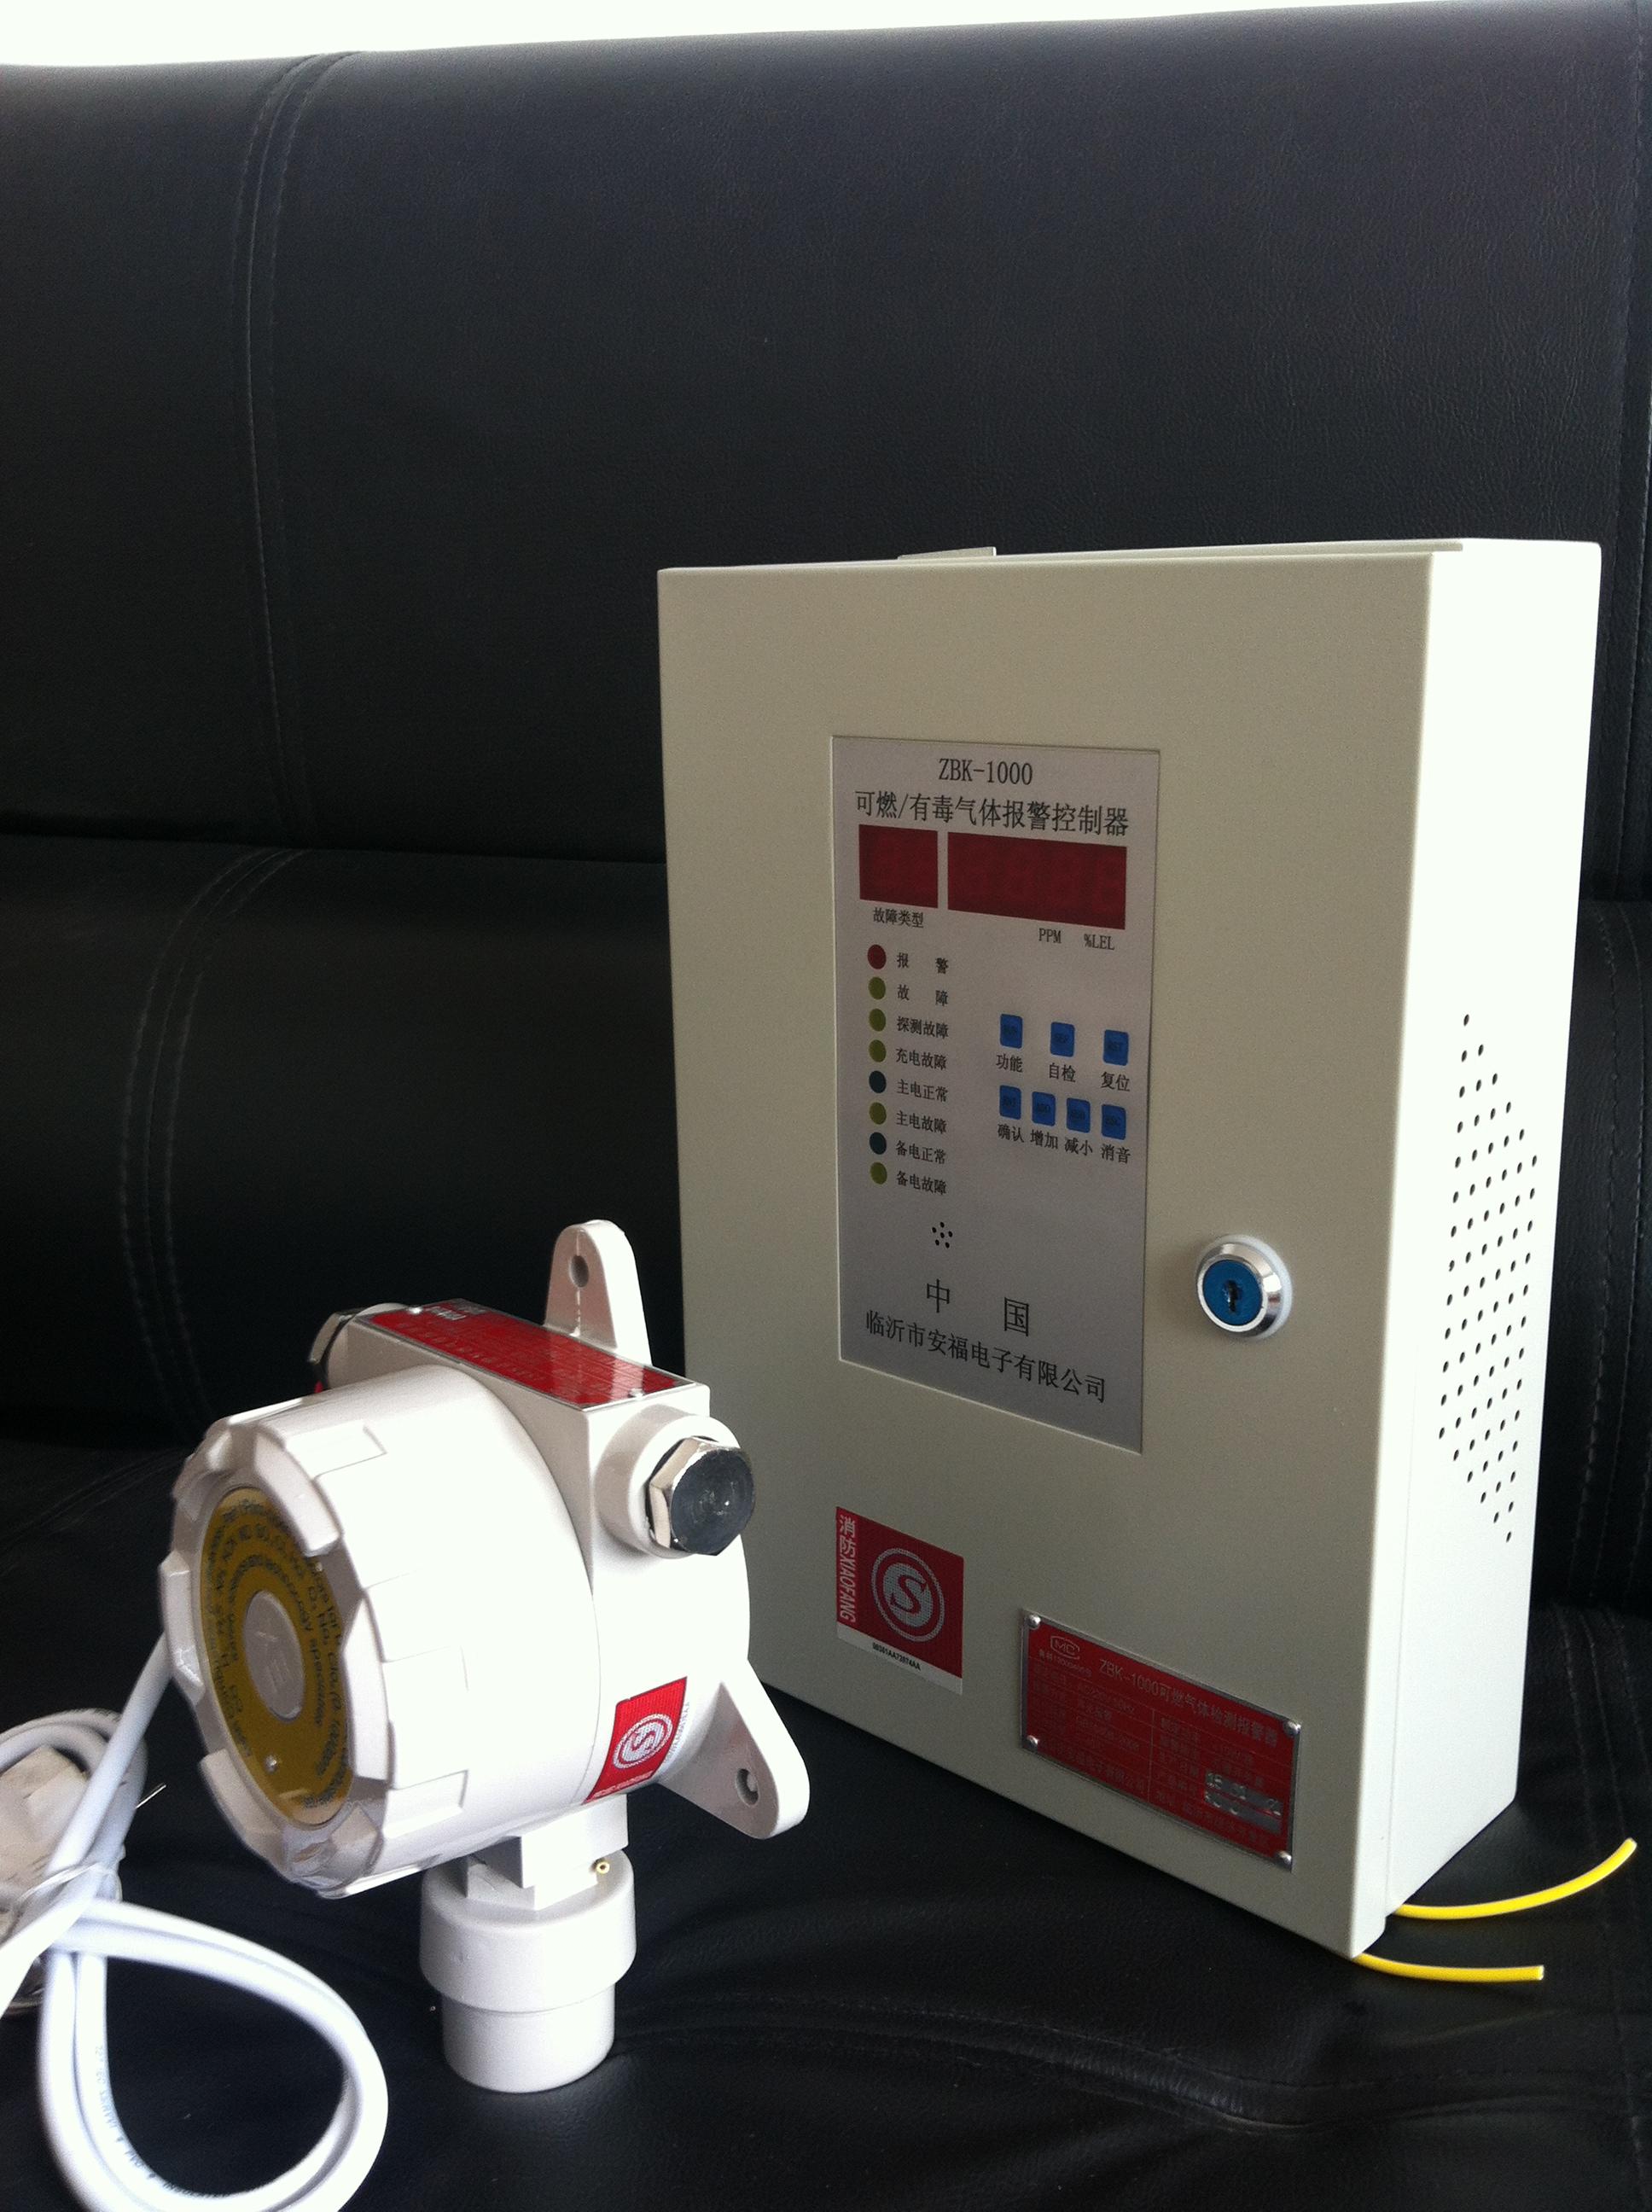 Этанол детектор концентрация алкоголя сигнализации утечки